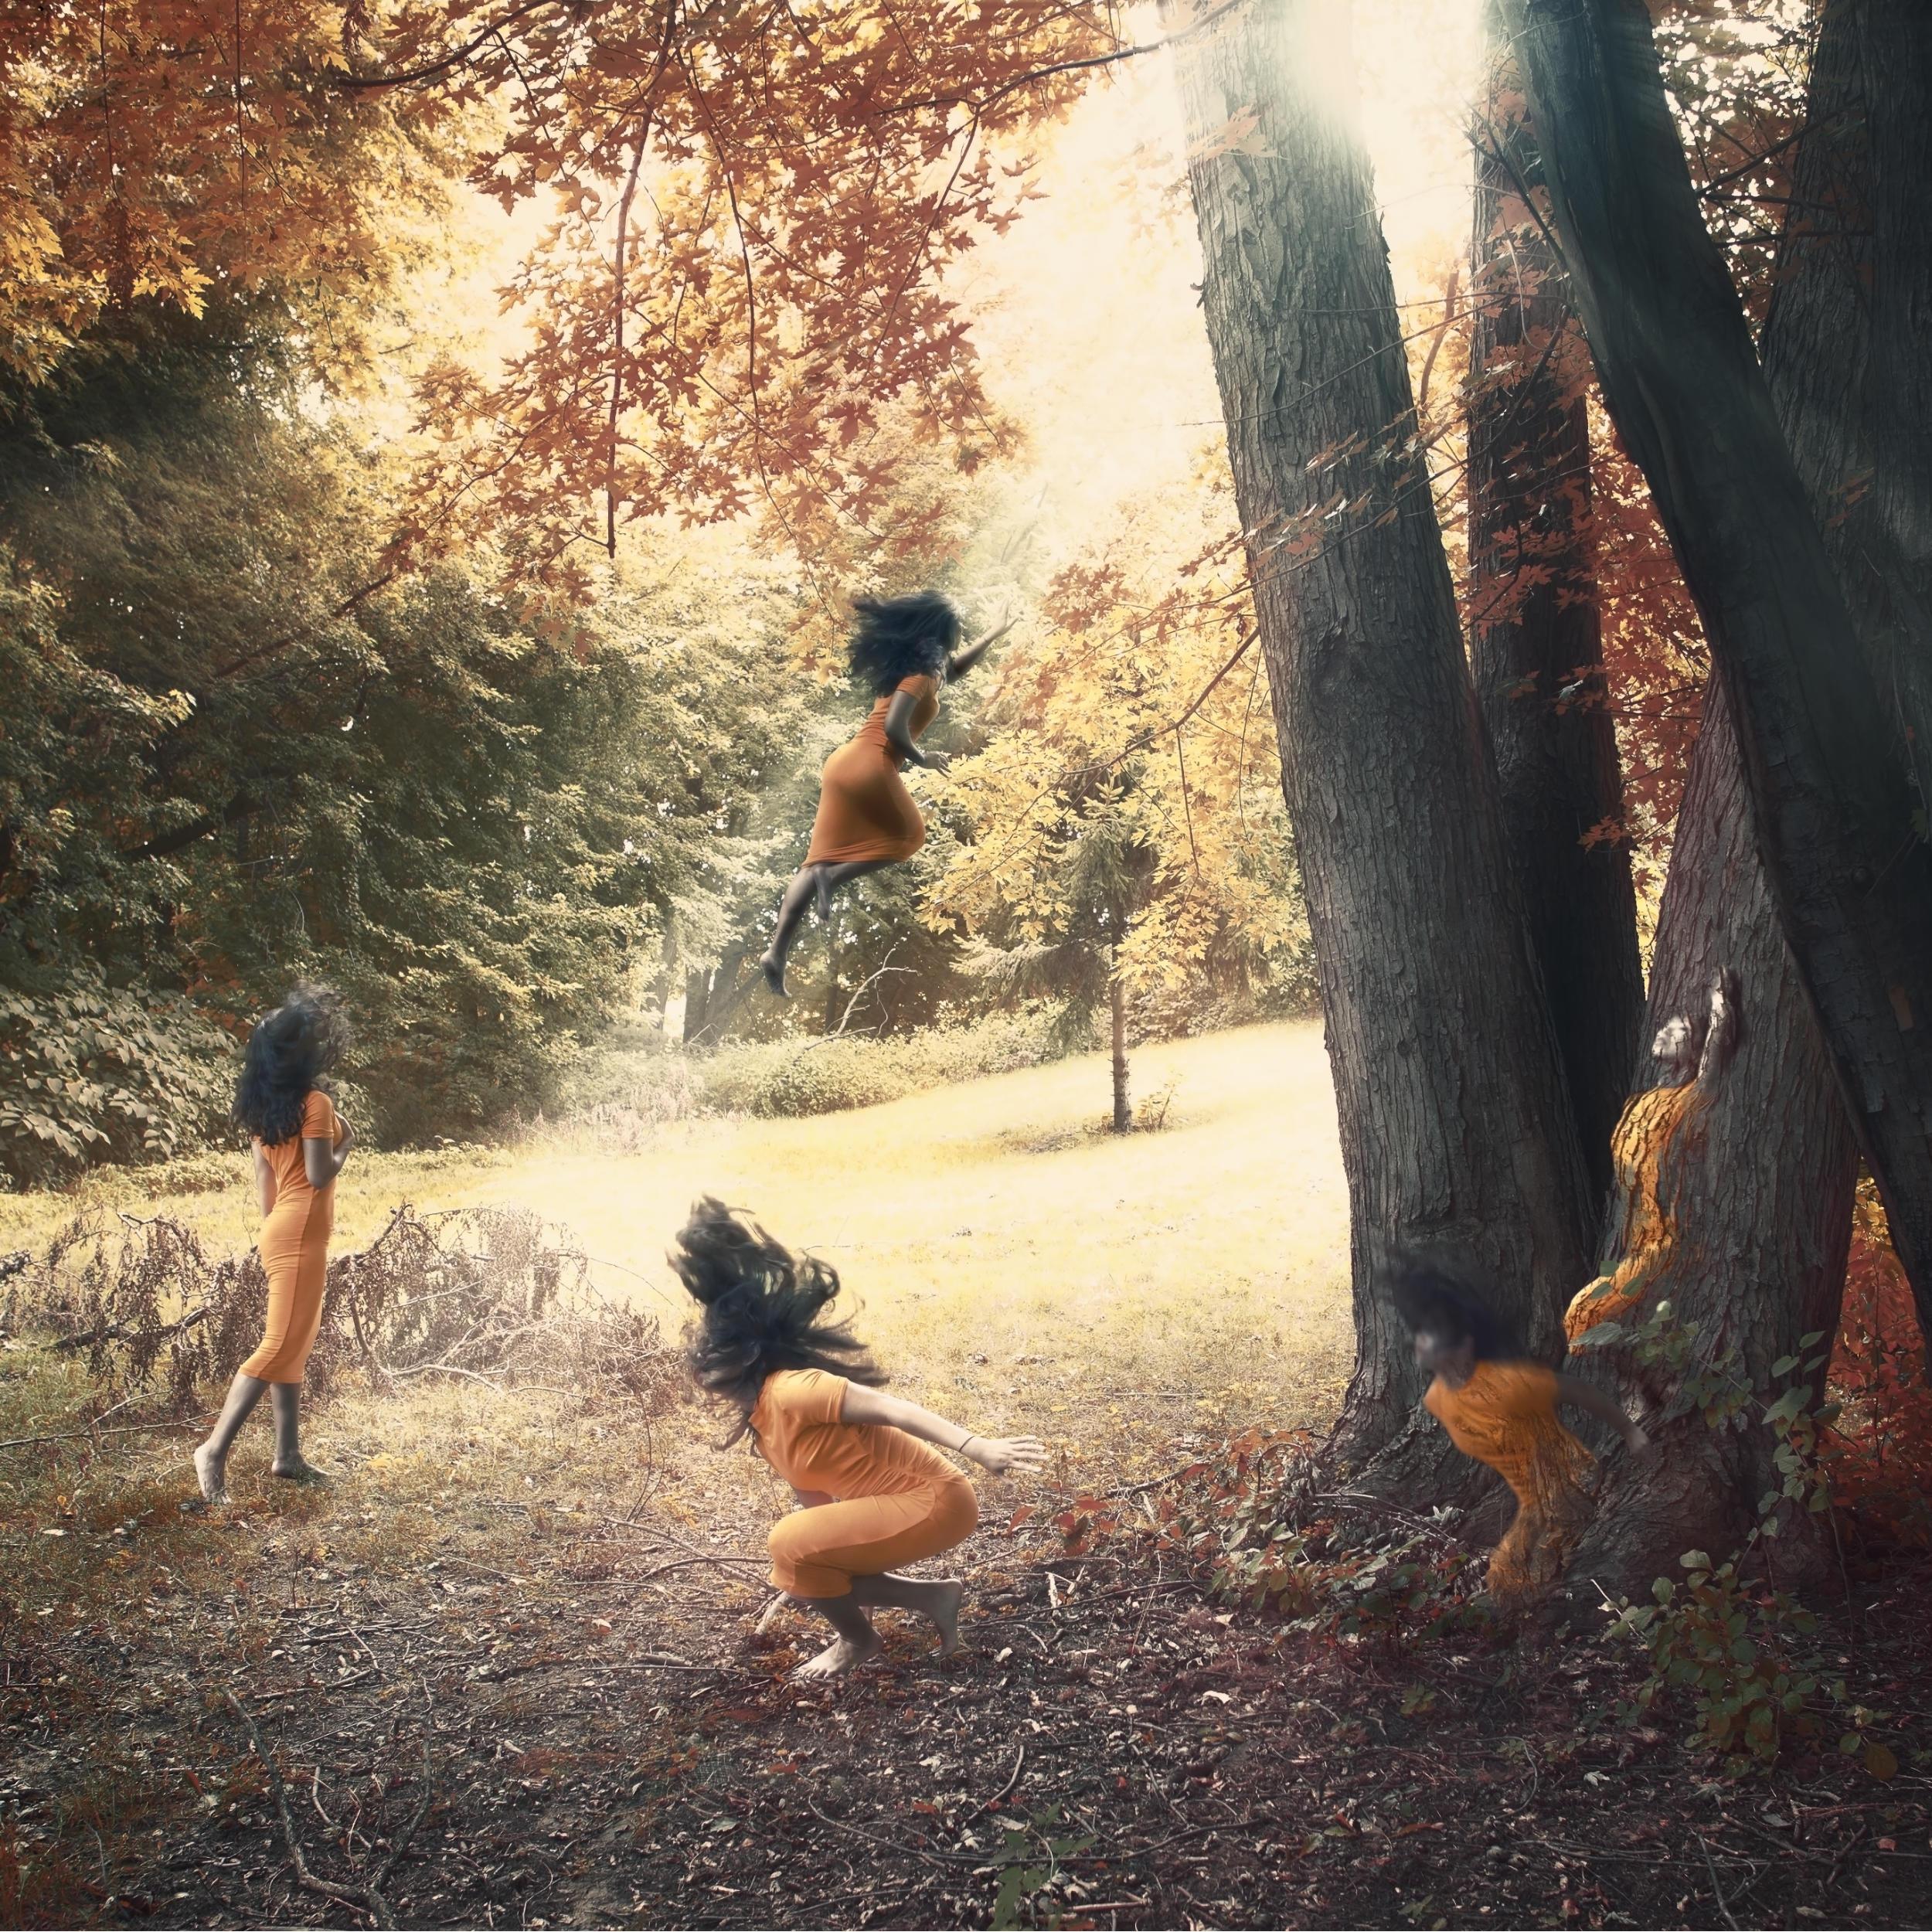 ChalaJan_FineArt_Autumn_ray.jpg